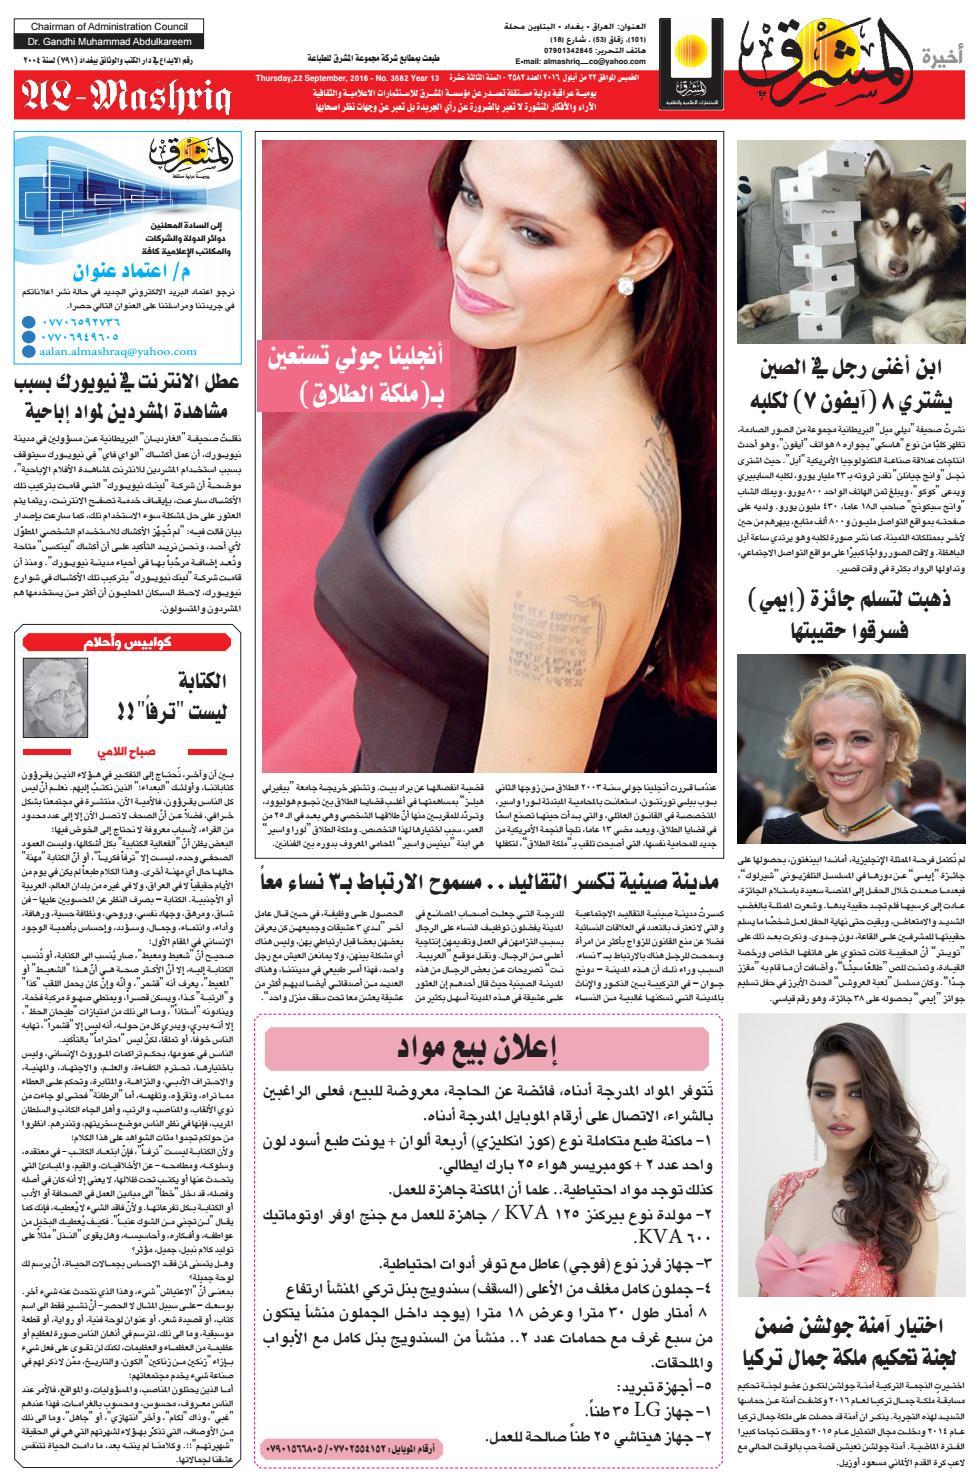 c9a587e72 3582 AlmashriqNews by Al Mashriq Newspaper - issuu